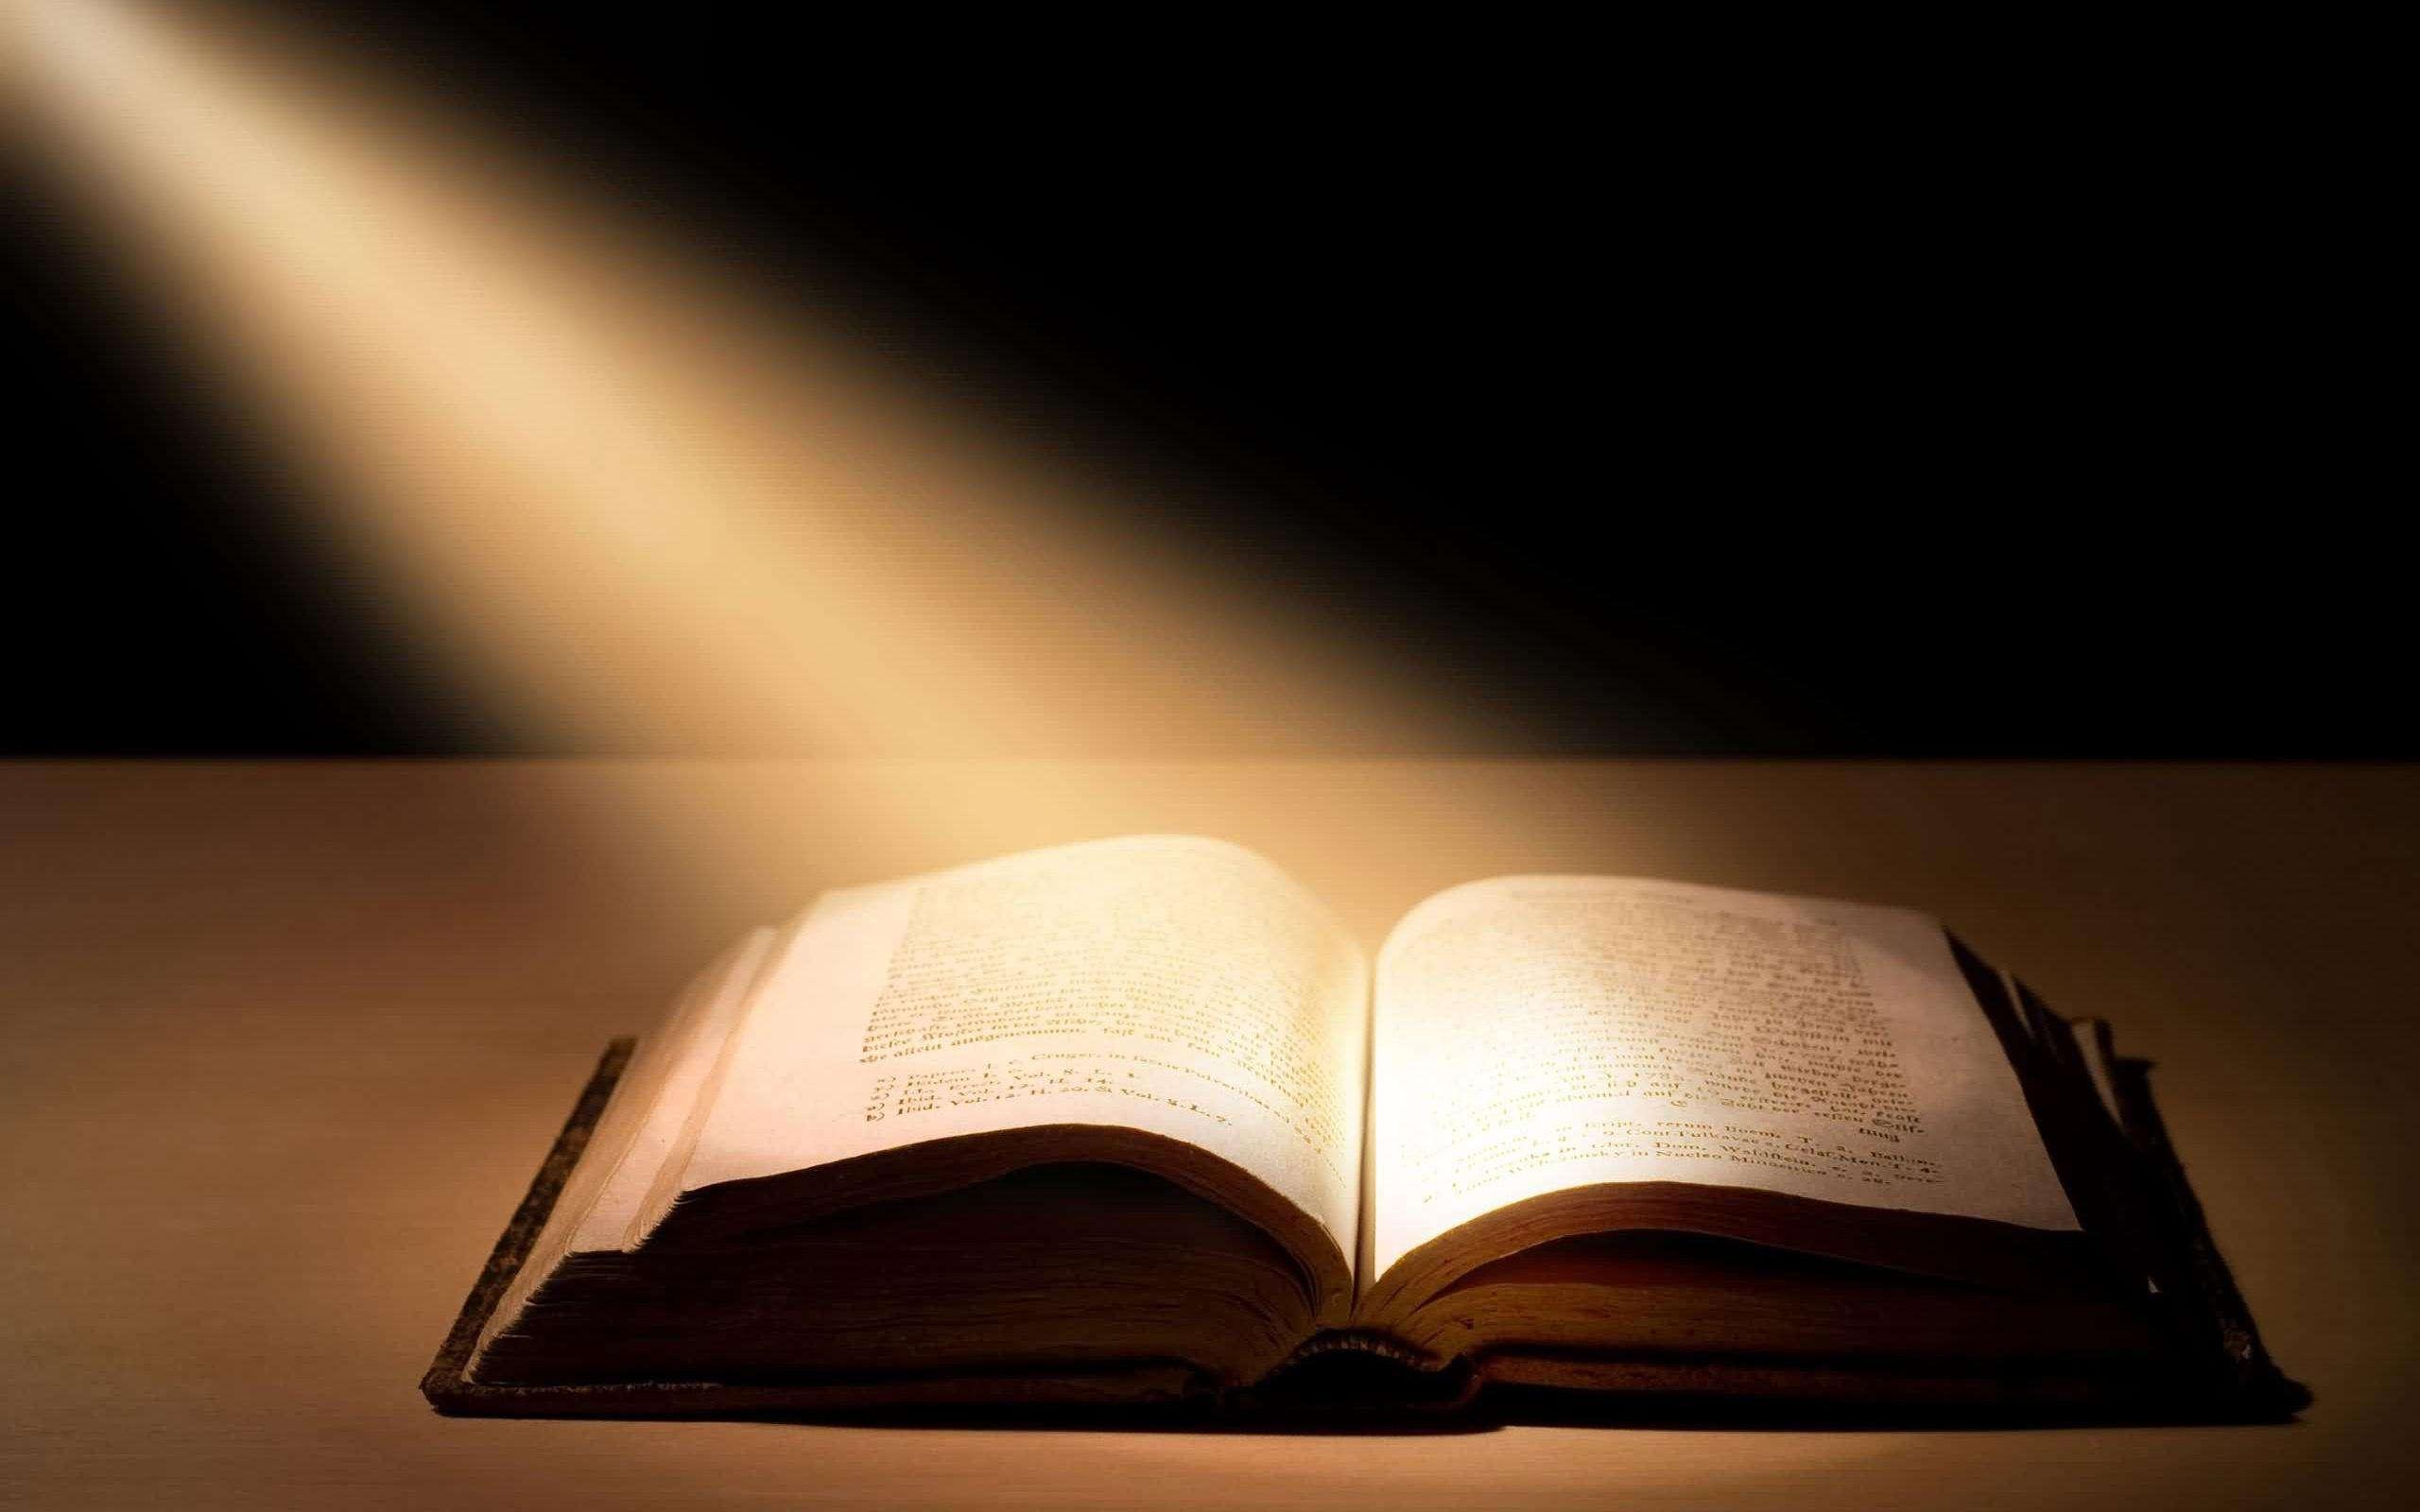 A Existência de Deus e a Confiança na Bíblia